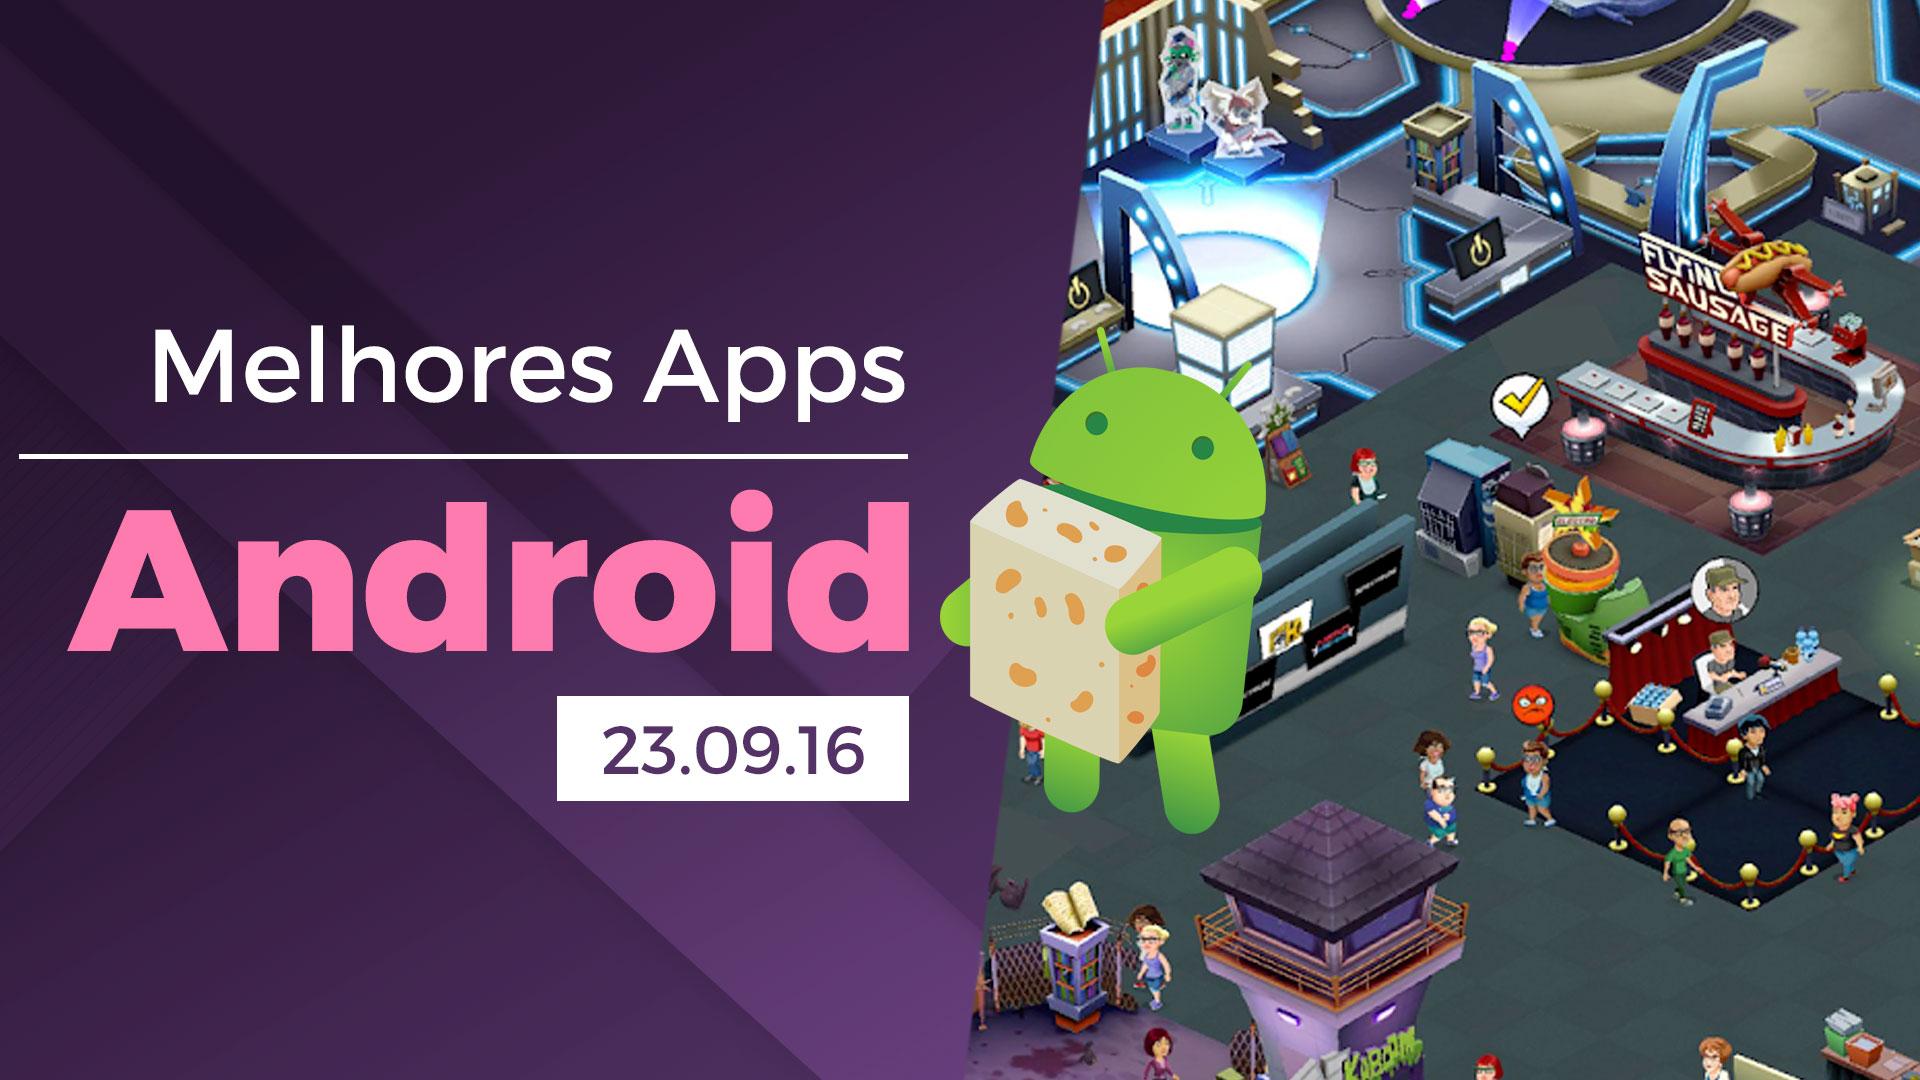 Melhores apps para Android: 23/09/2016 [vídeo]